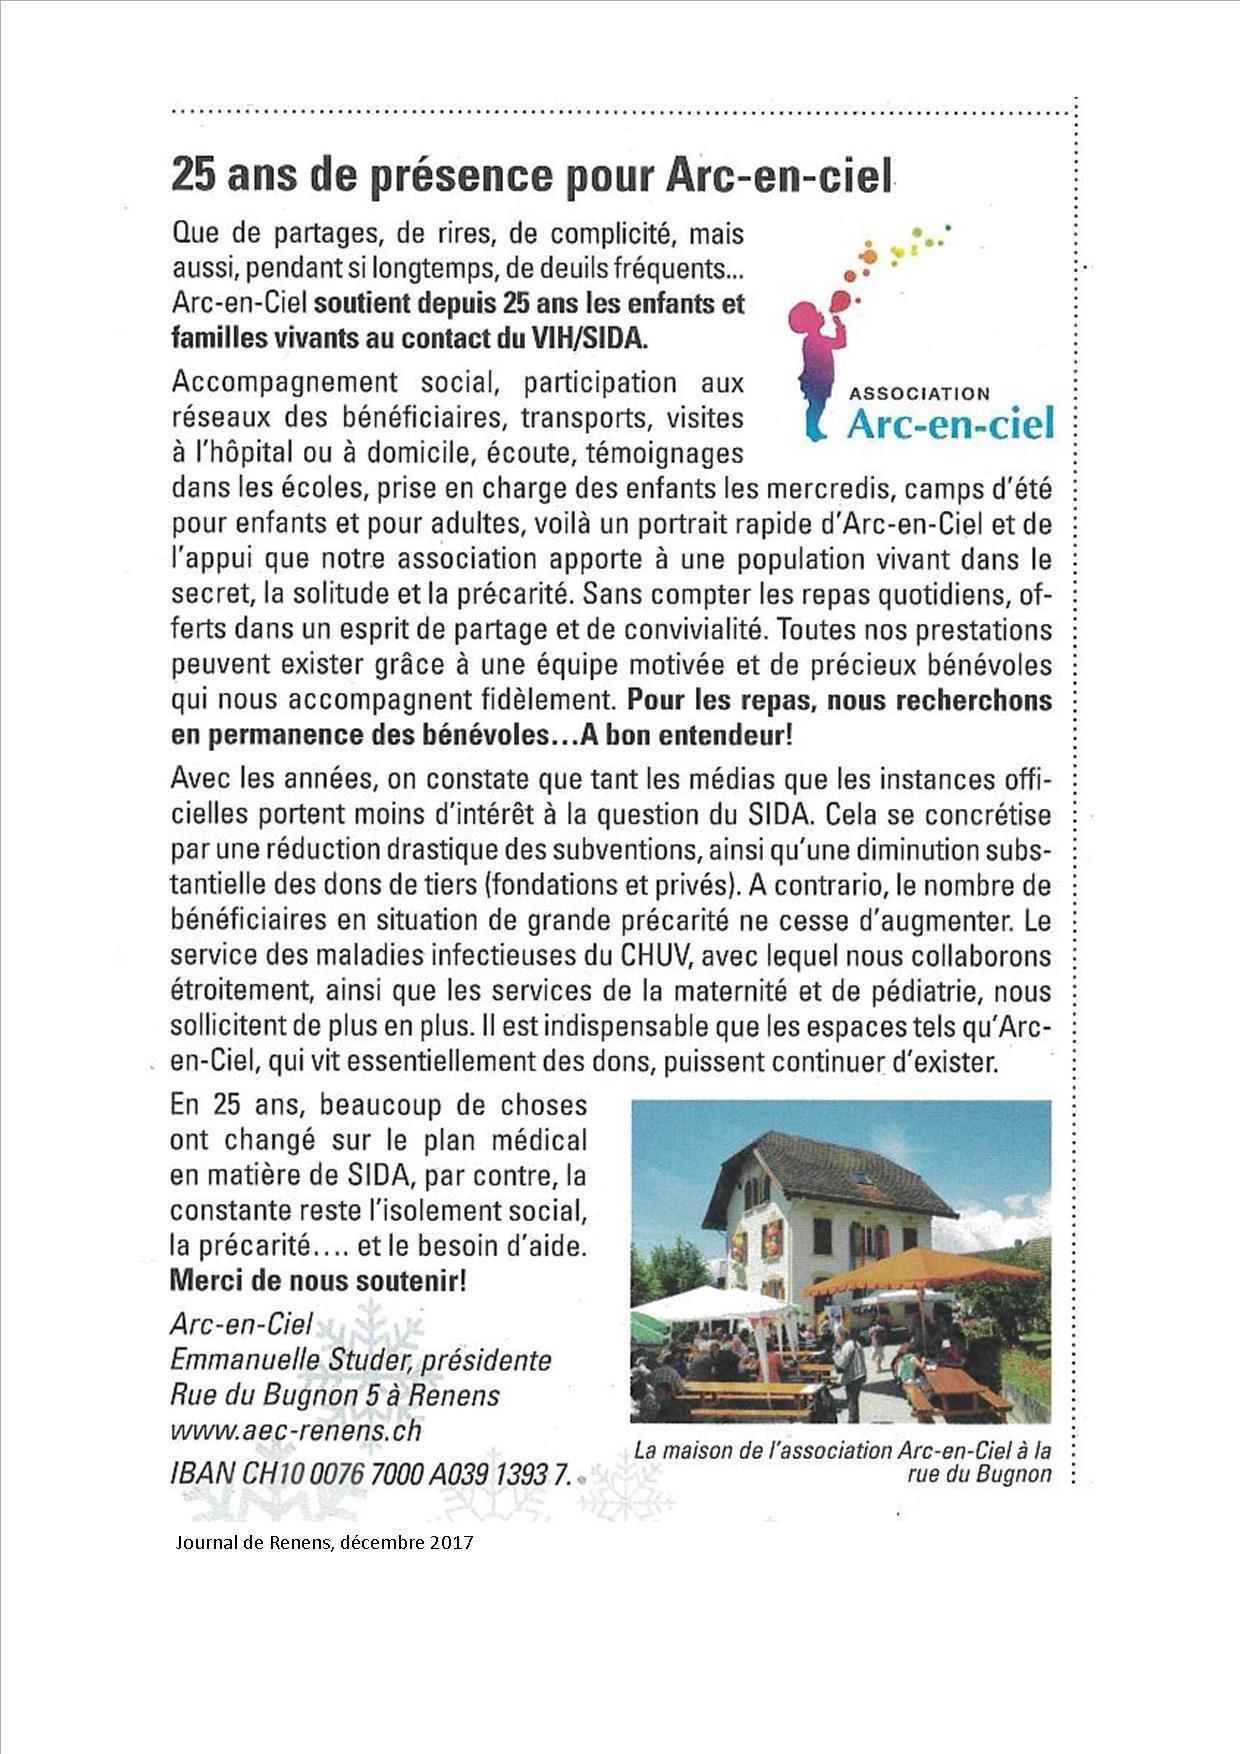 Journal de Renens 12.2017